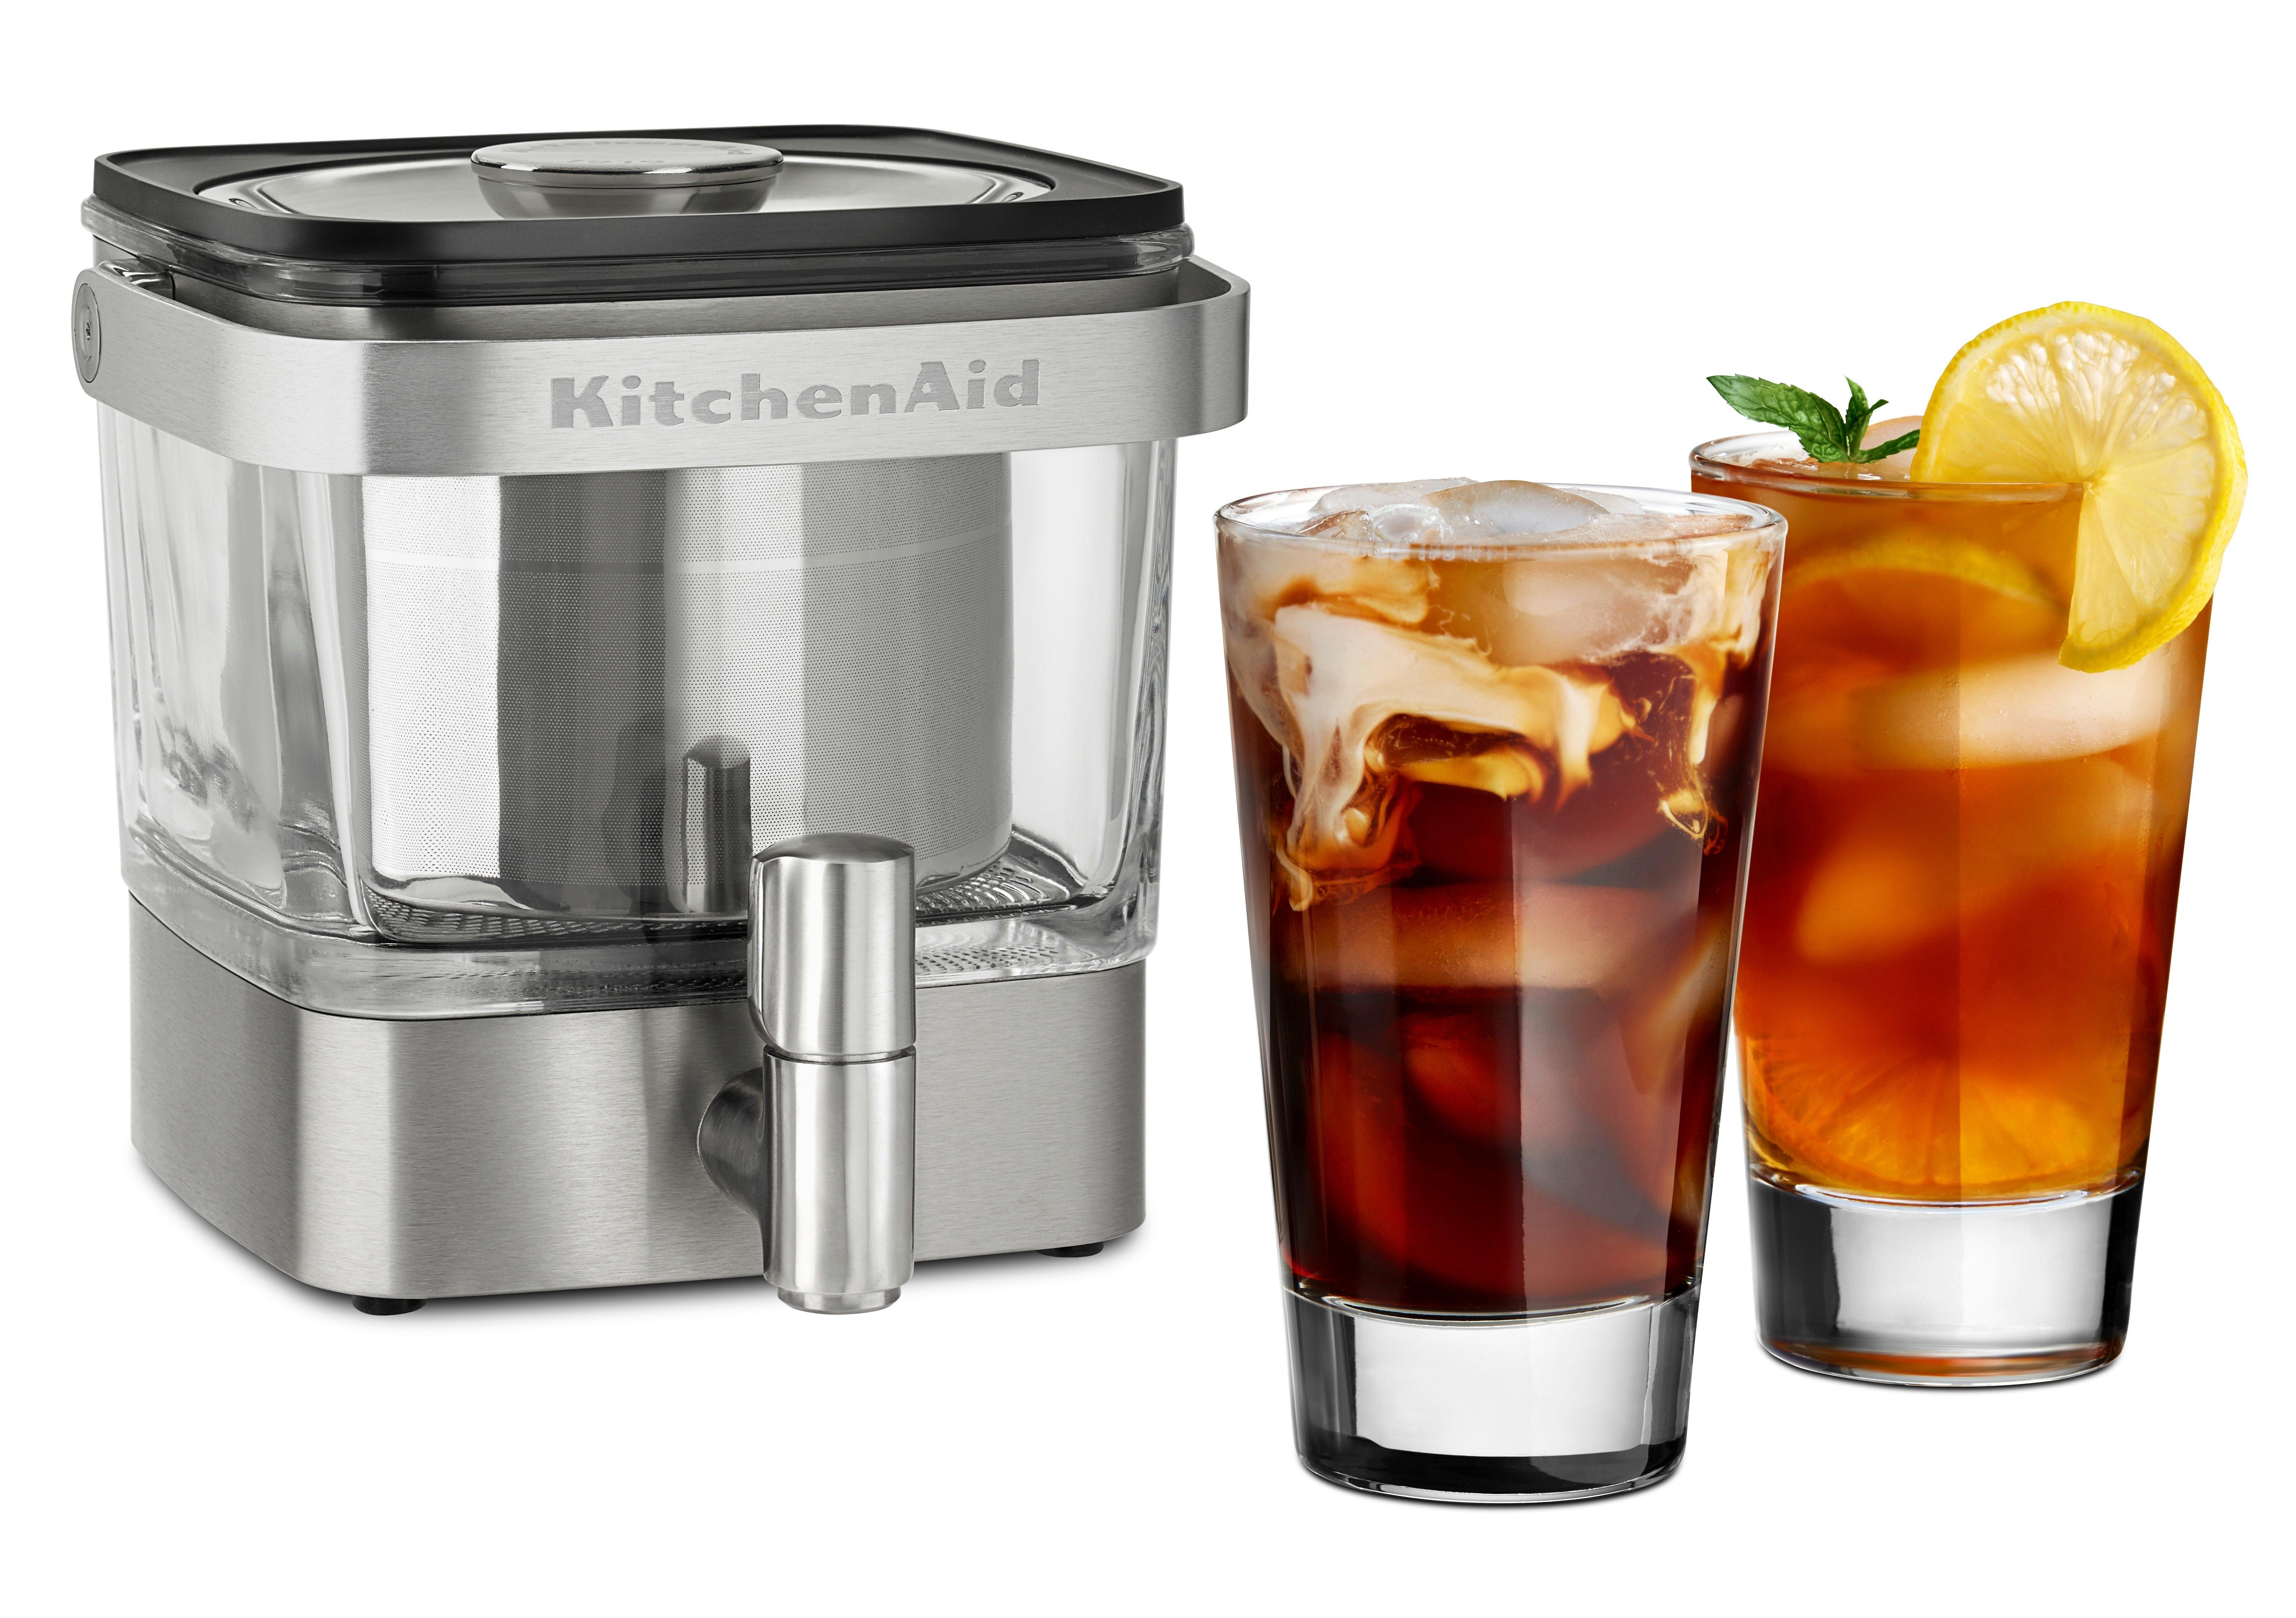 KitchenAid cold-brew-cafetière 5KCM4212SX nu online kopen bij OTTO